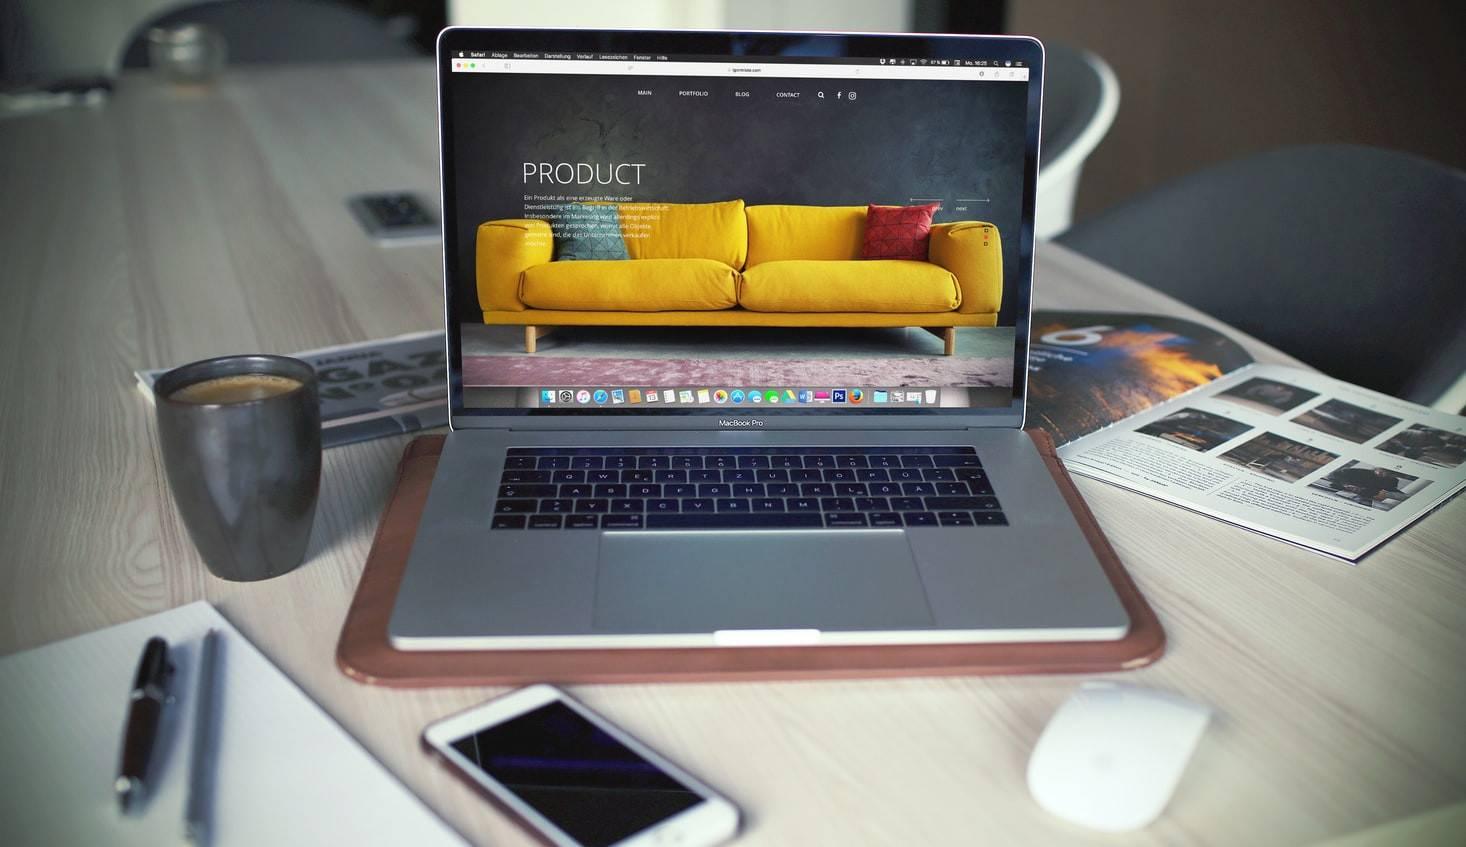 Tips Tahapan Cara Membuat Website Yang Menarik dan Kreatif Agar di Sukai Oleh Pengunjung